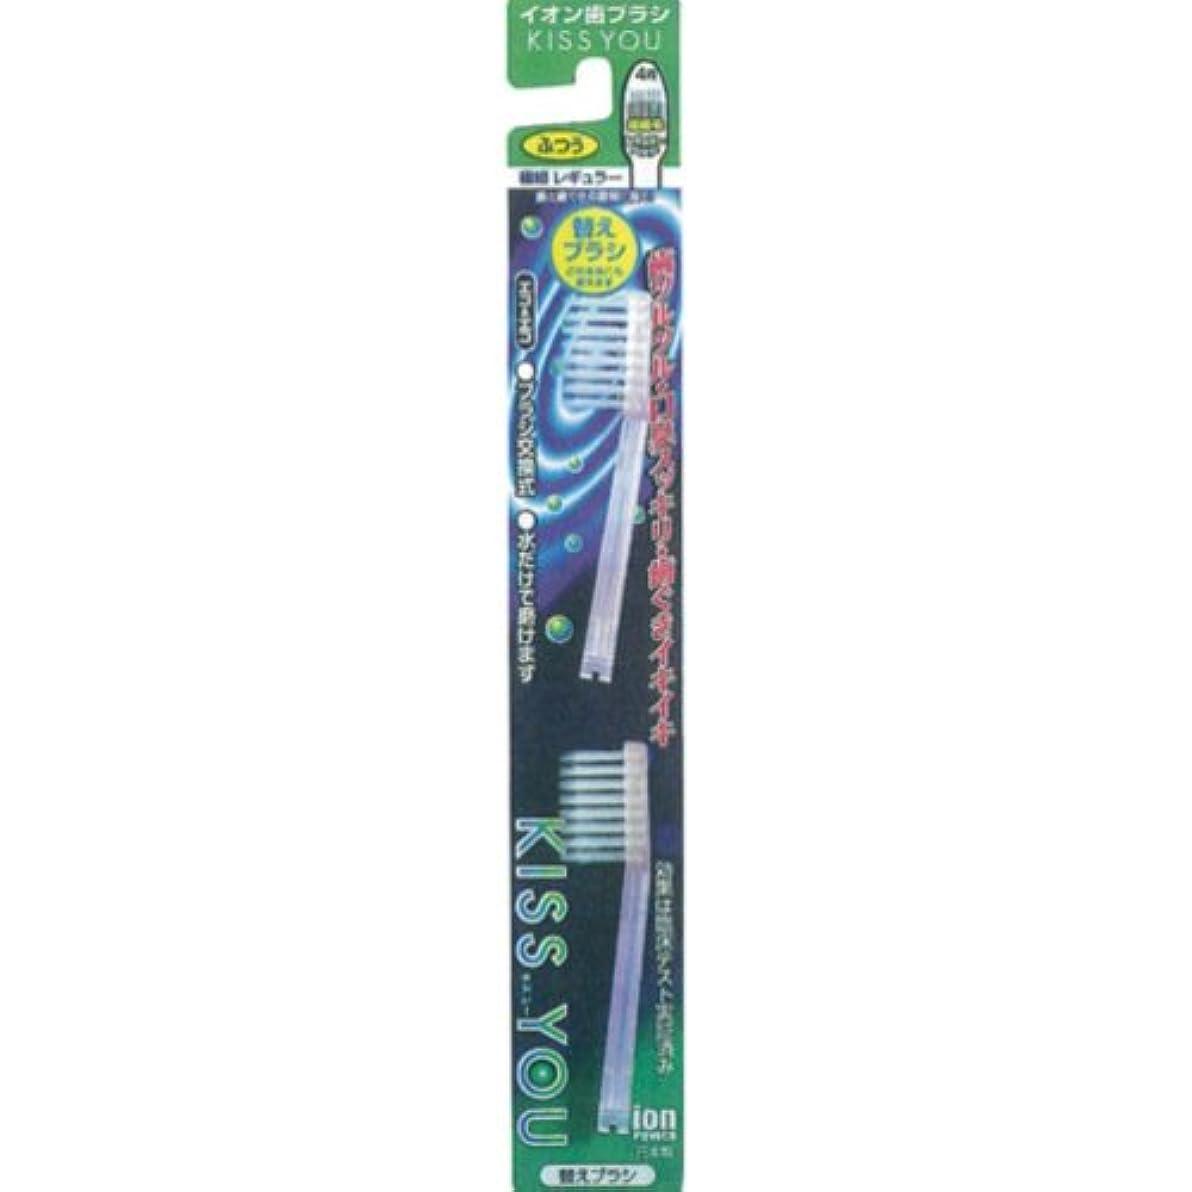 糞圧縮された新しさフクバデンタル キスユー イオン歯ブラシ 極細レギュラー 替えブラシ ふつう (2本入)